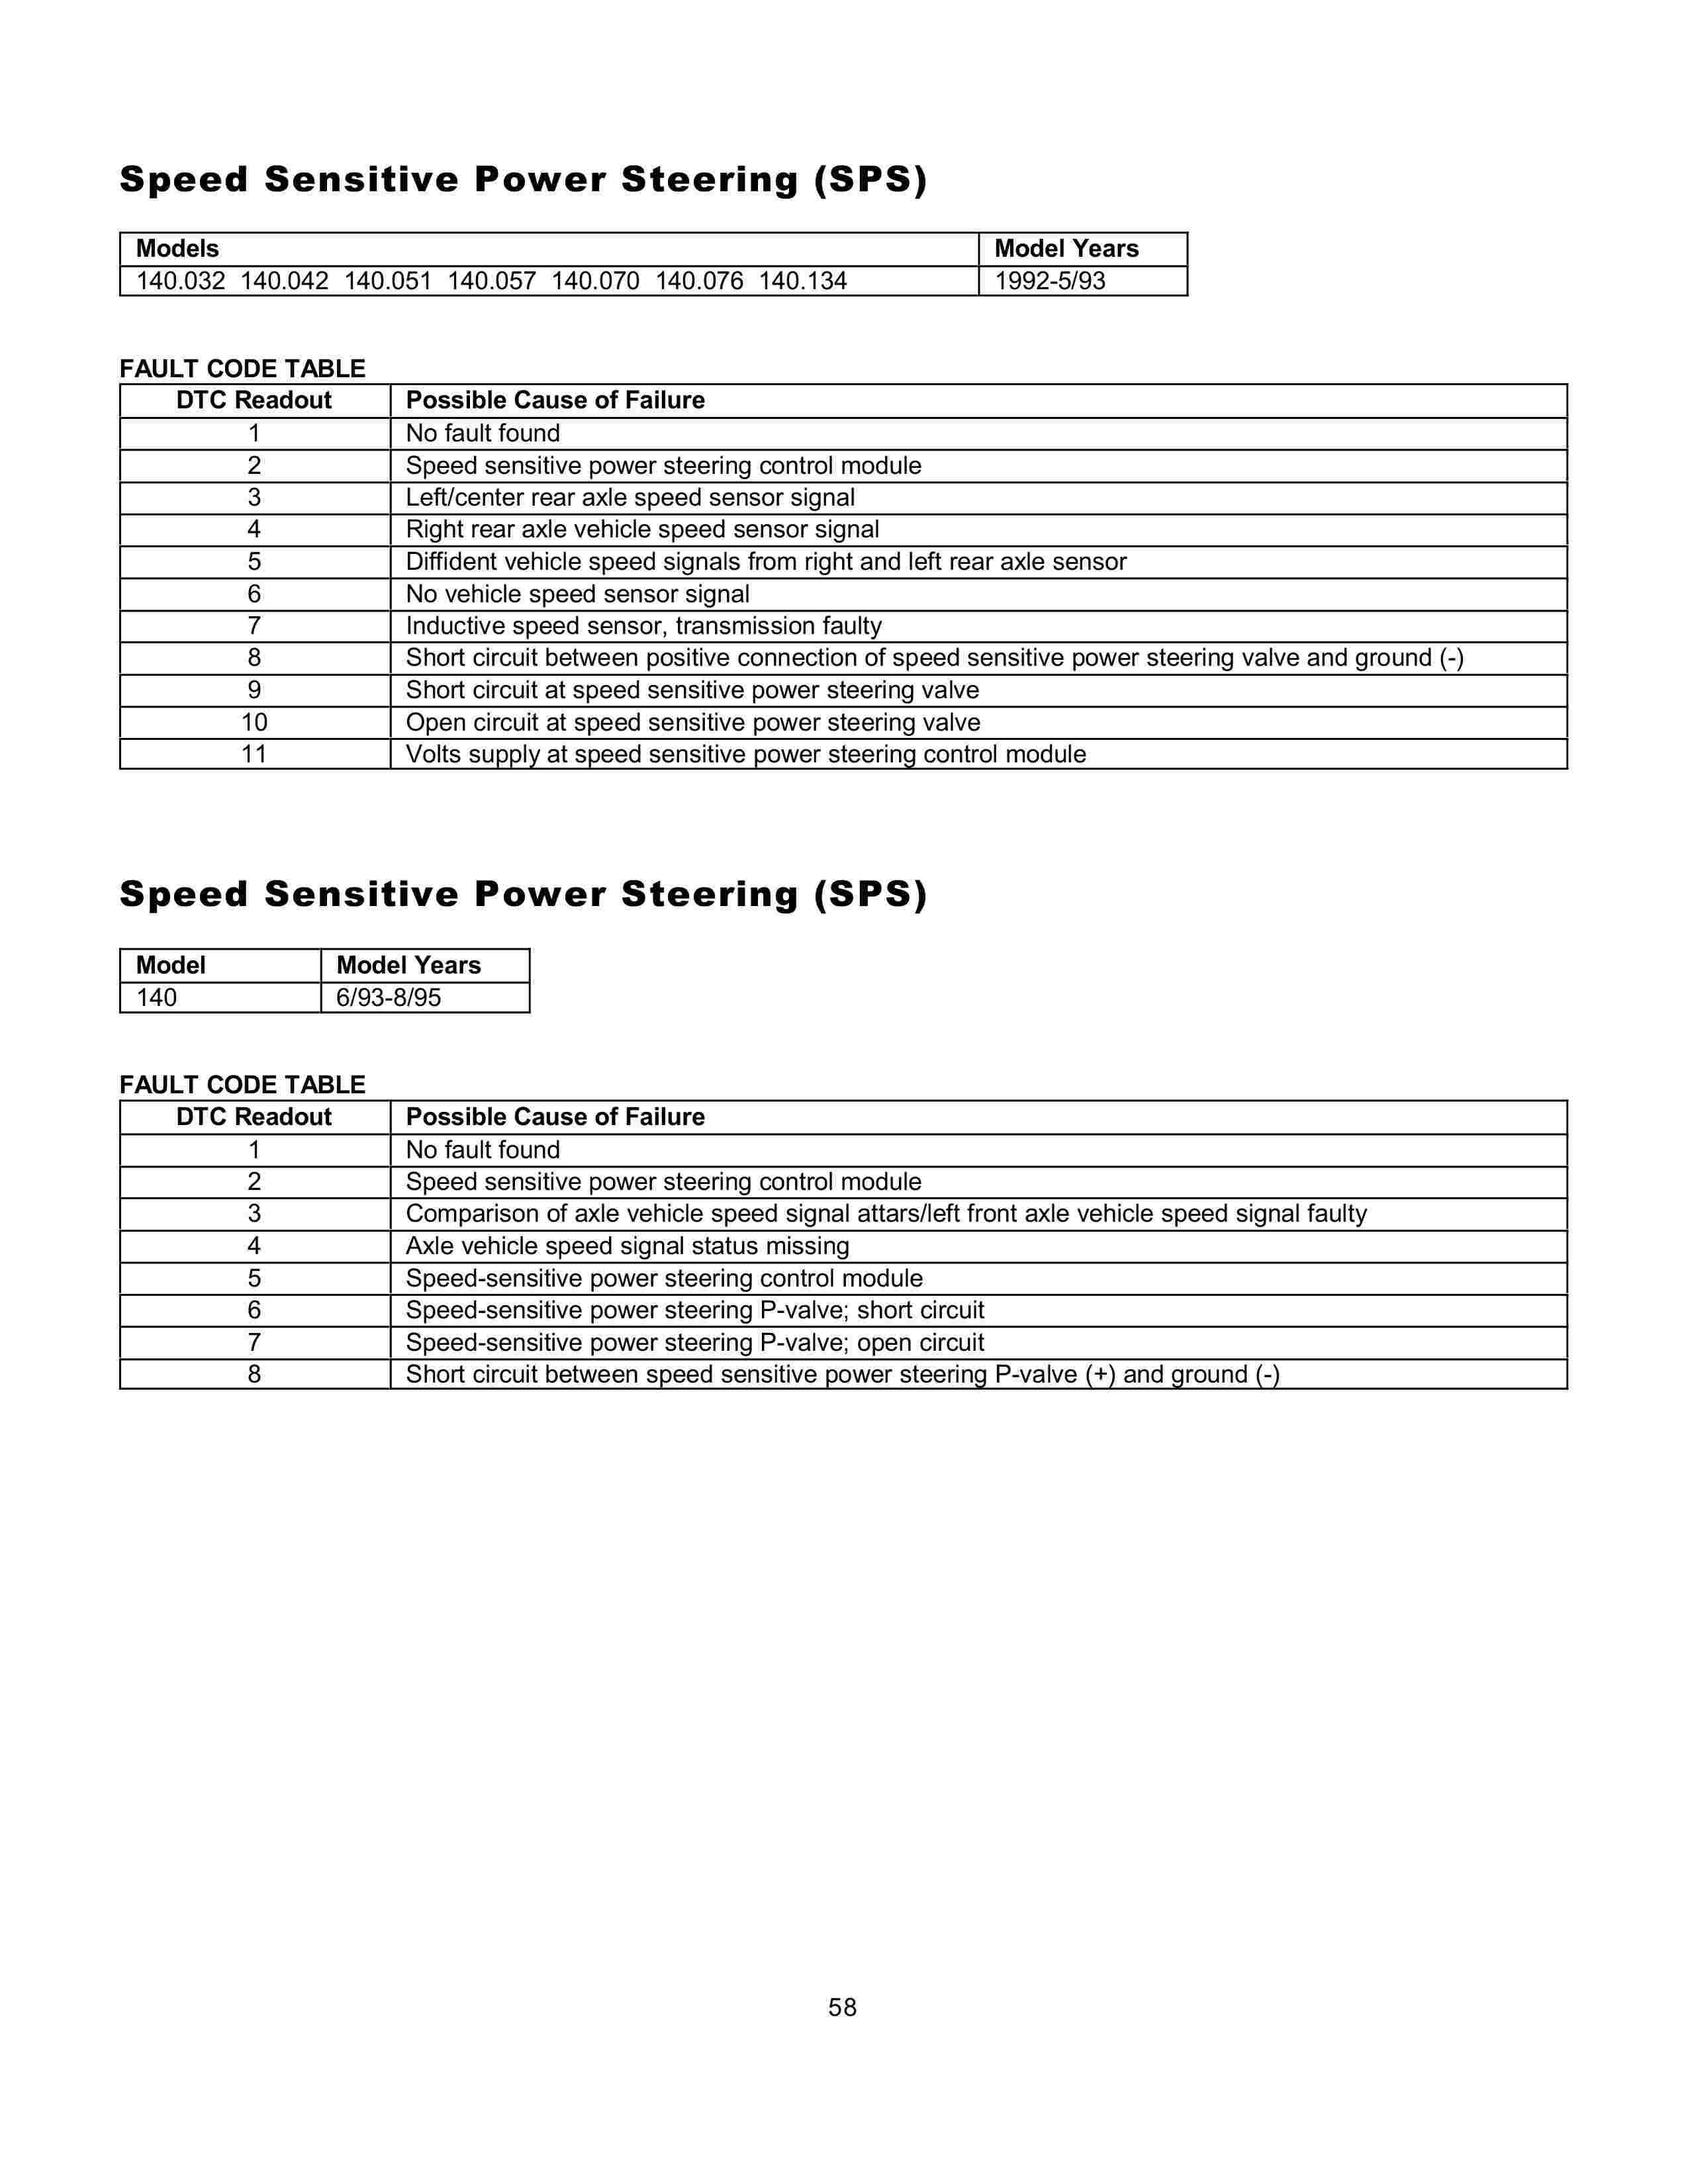 (AJUDA GERAL): Manual de códigos das falhas - analógico e digital - 1988 a 2000 005812